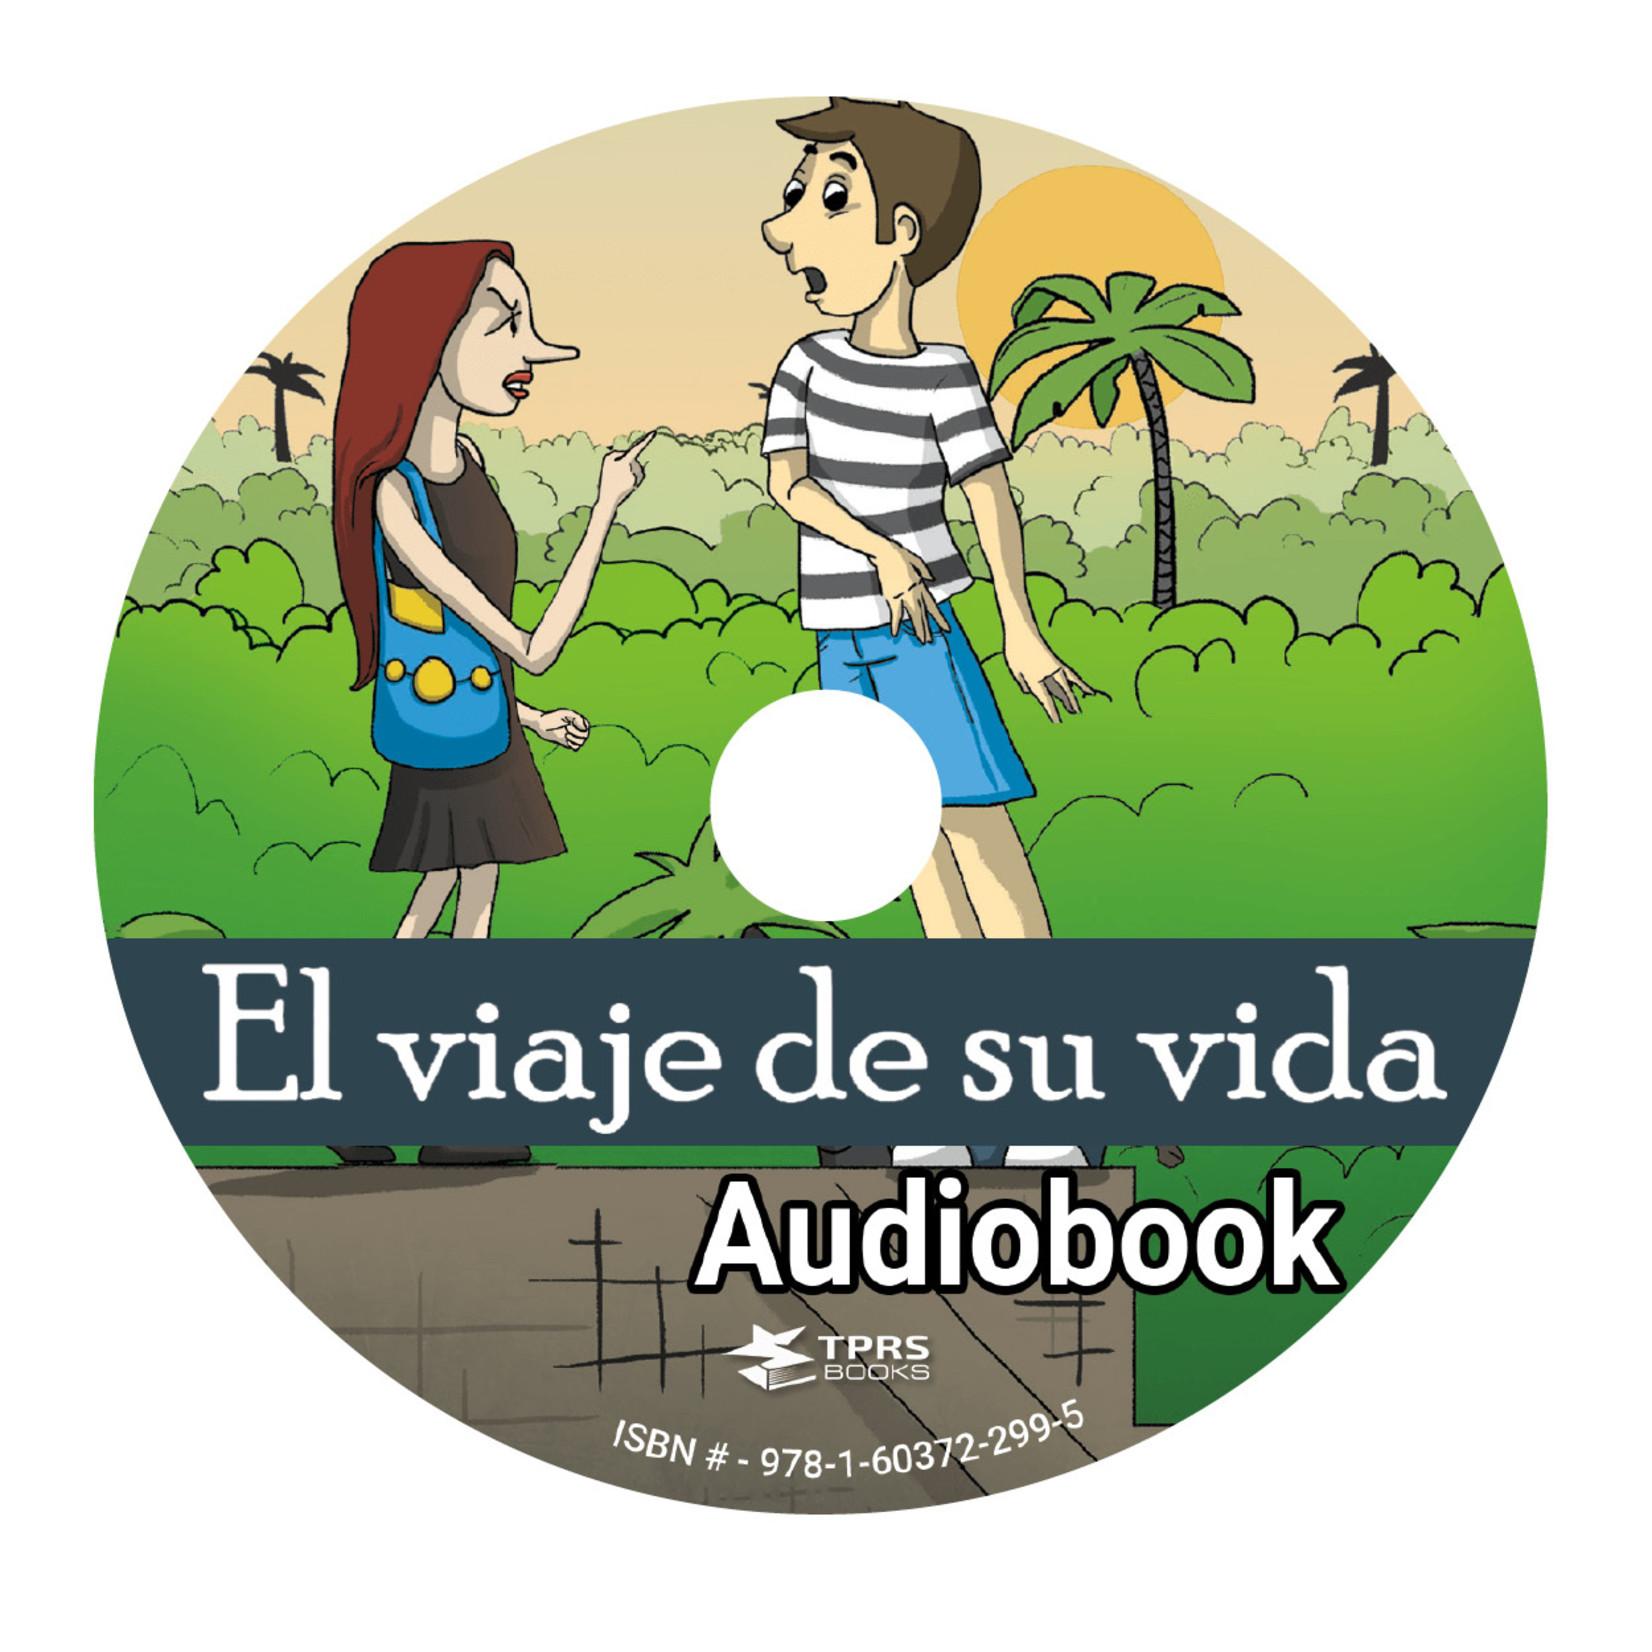 TPRS Books El viaje de su vida - Audiobook